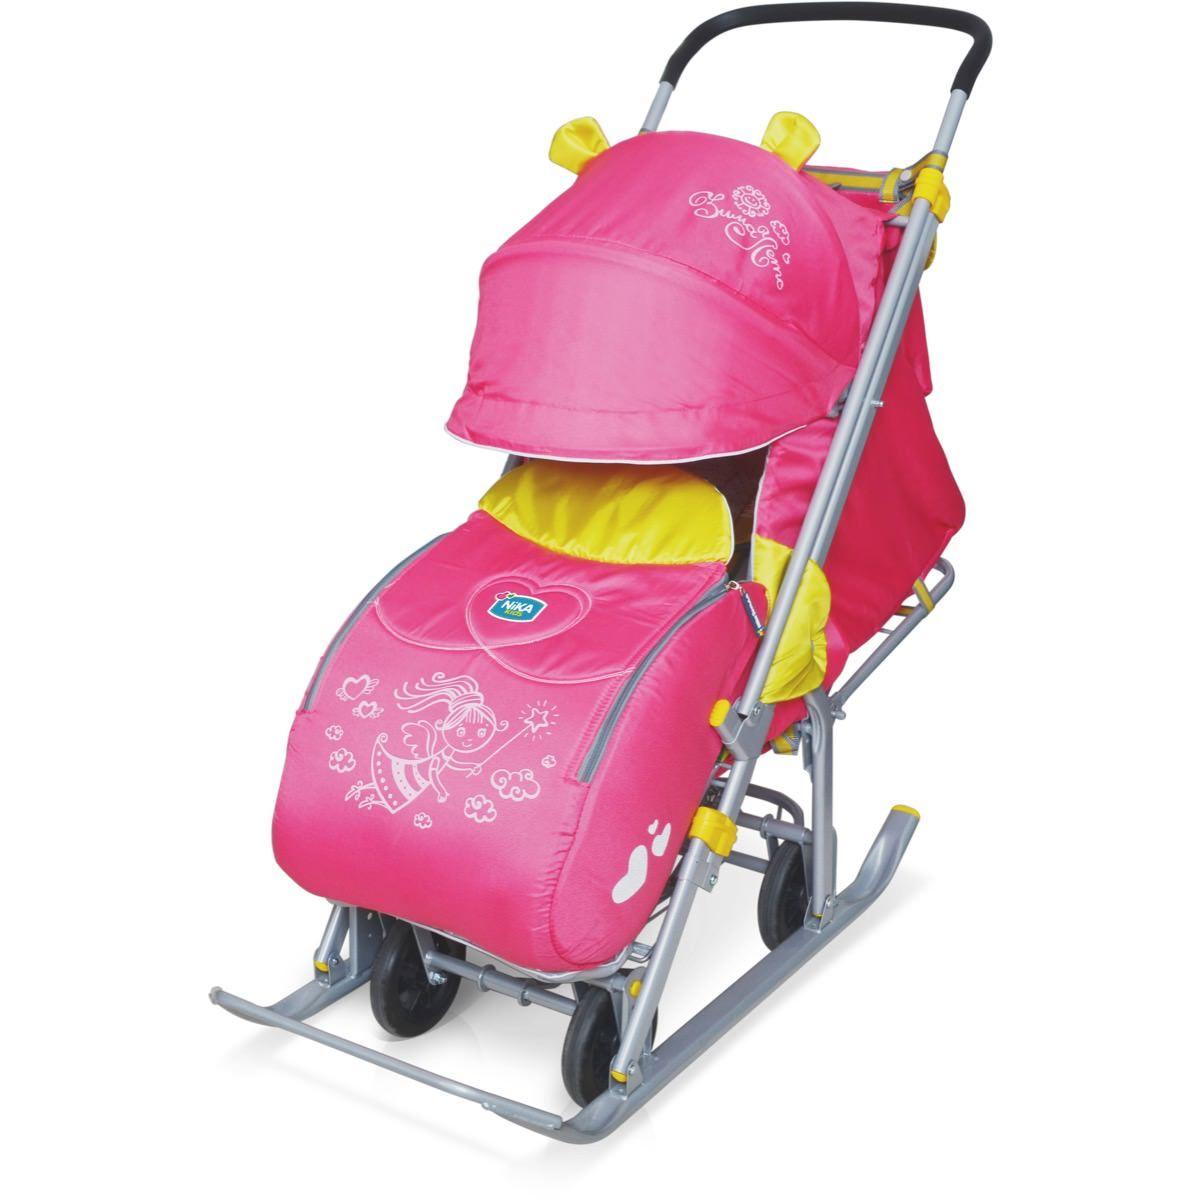 Санки коляска с 4 колесами рисунок Фея, - фото 1